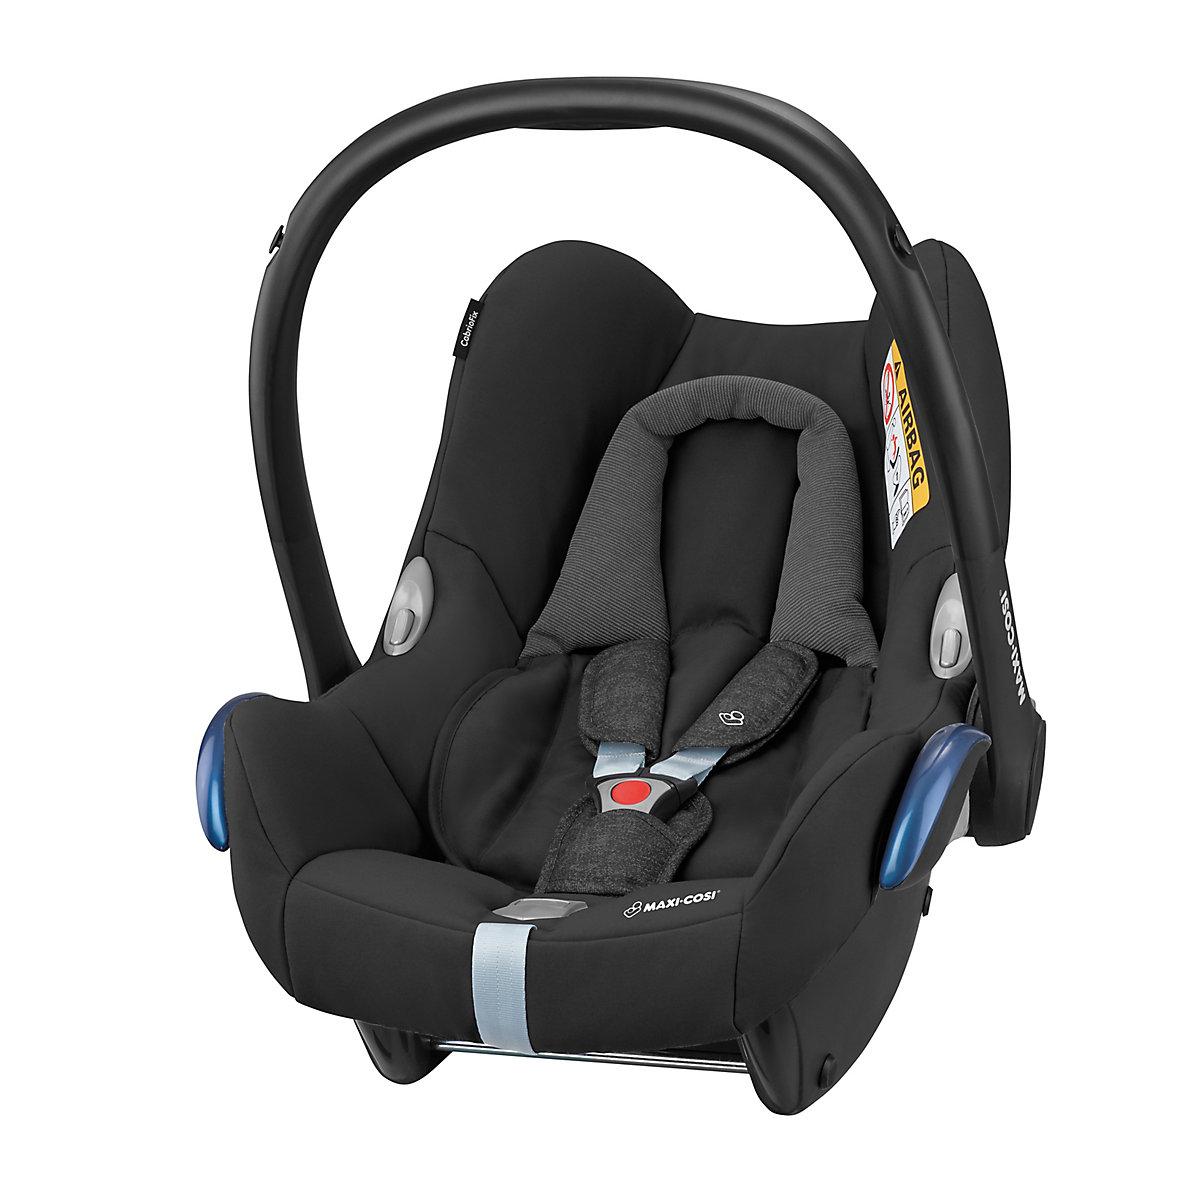 Maxi Cosi CabrioFix Car Seat – Black